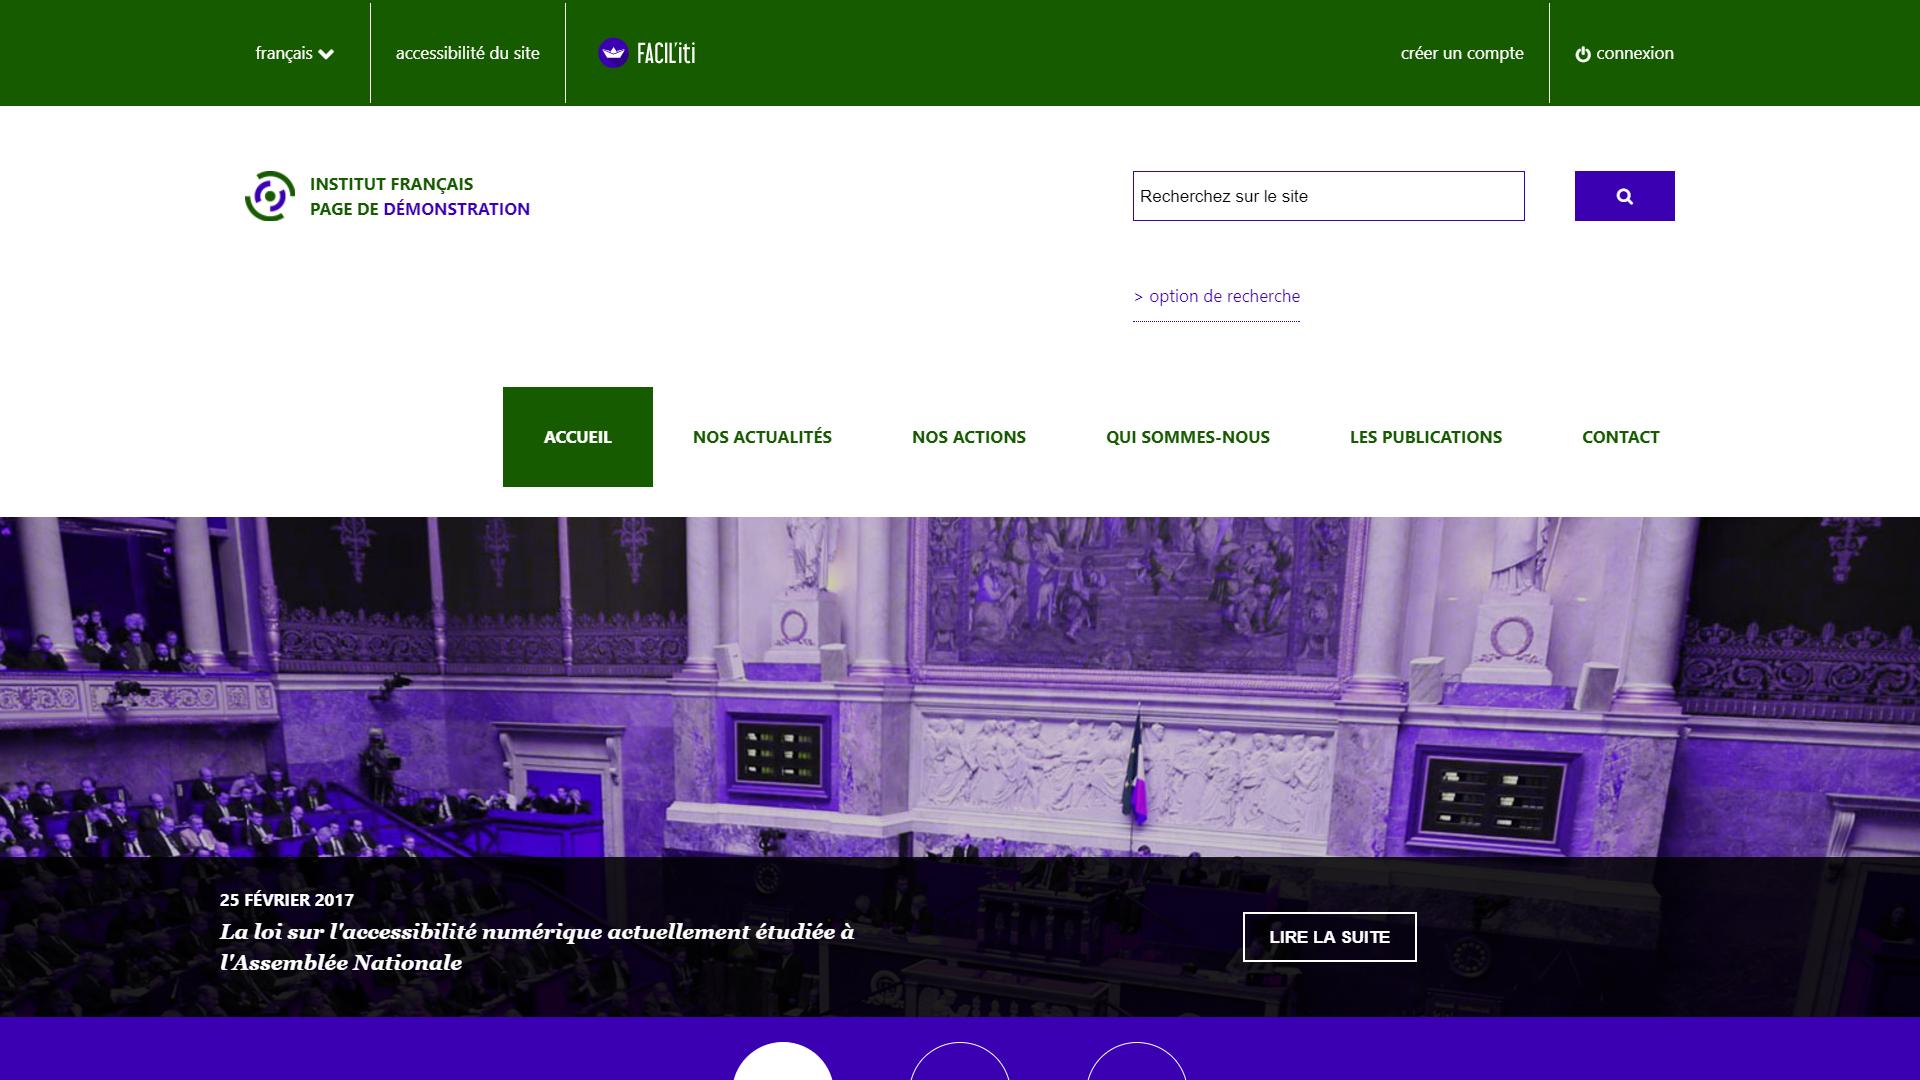 Une page d'accueil d'un site de démonstration avec FACIL'iti activé pour la pathologie maladie de Parkinson